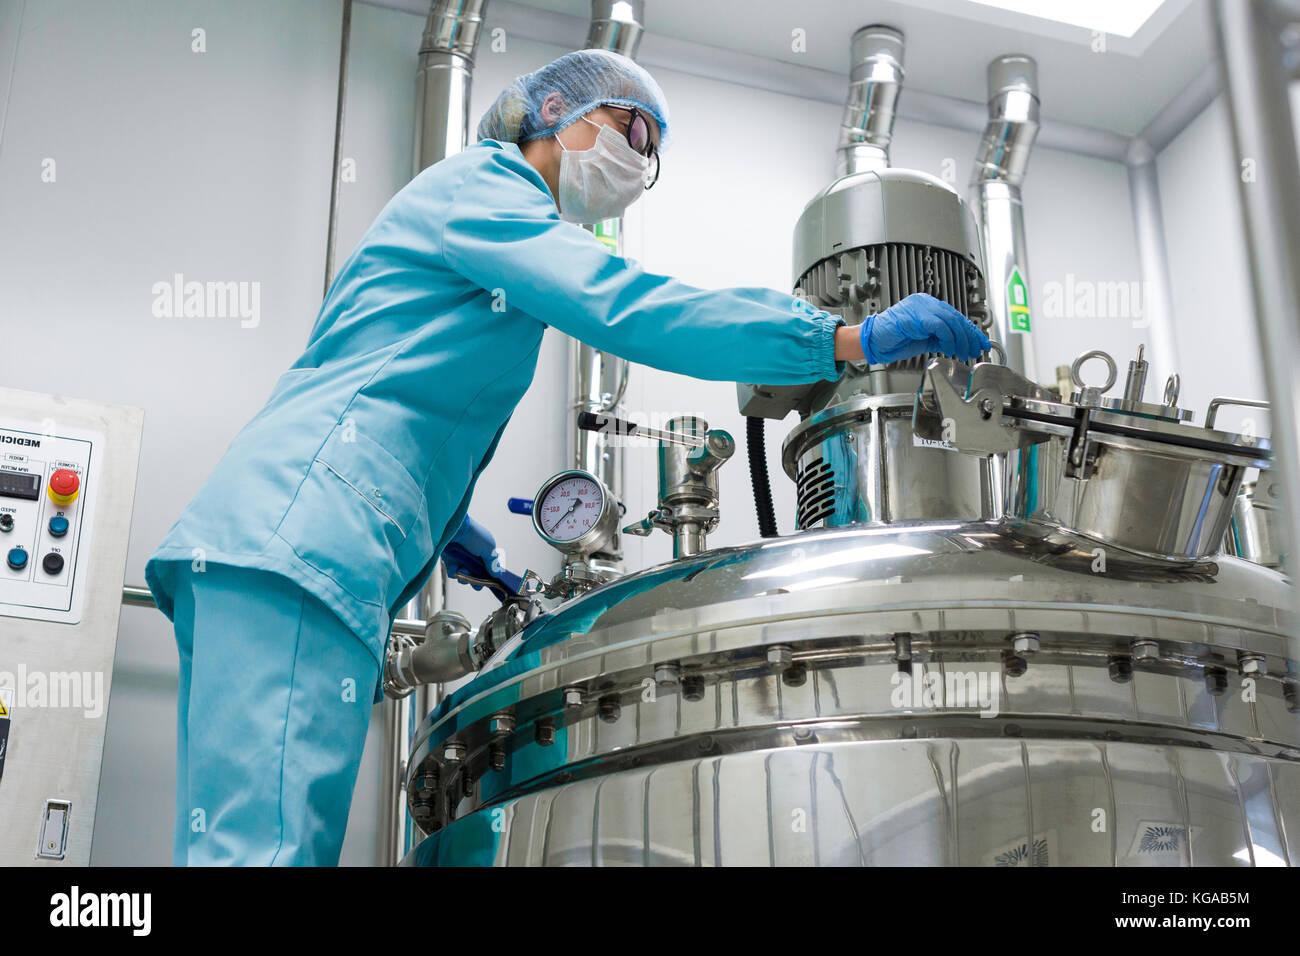 La producción de la fábrica, el proceso, la industria Imagen De Stock